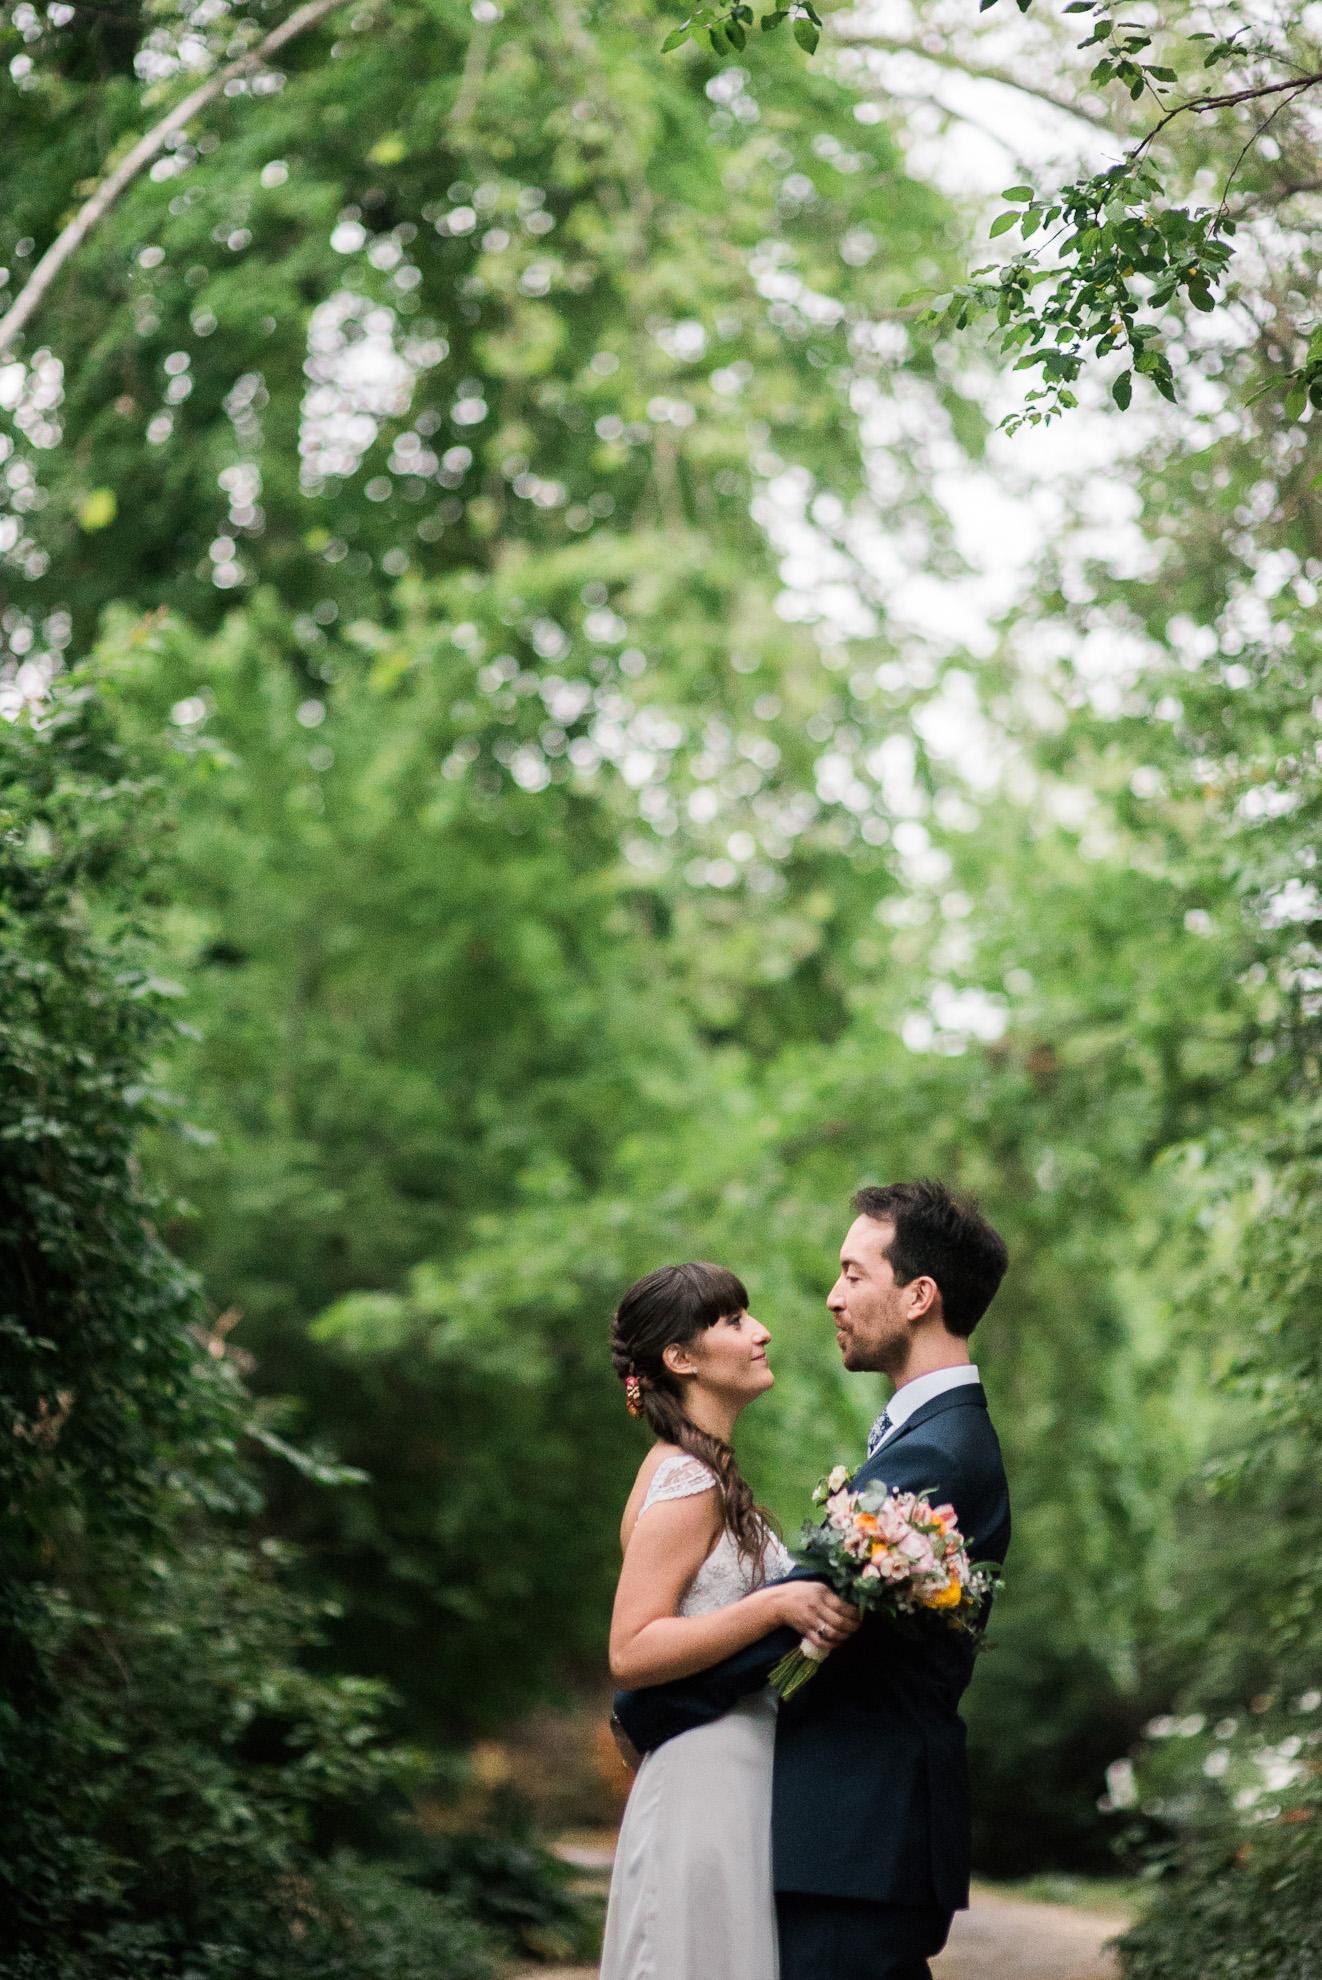 058_matrimonio casa parque nos.jpg